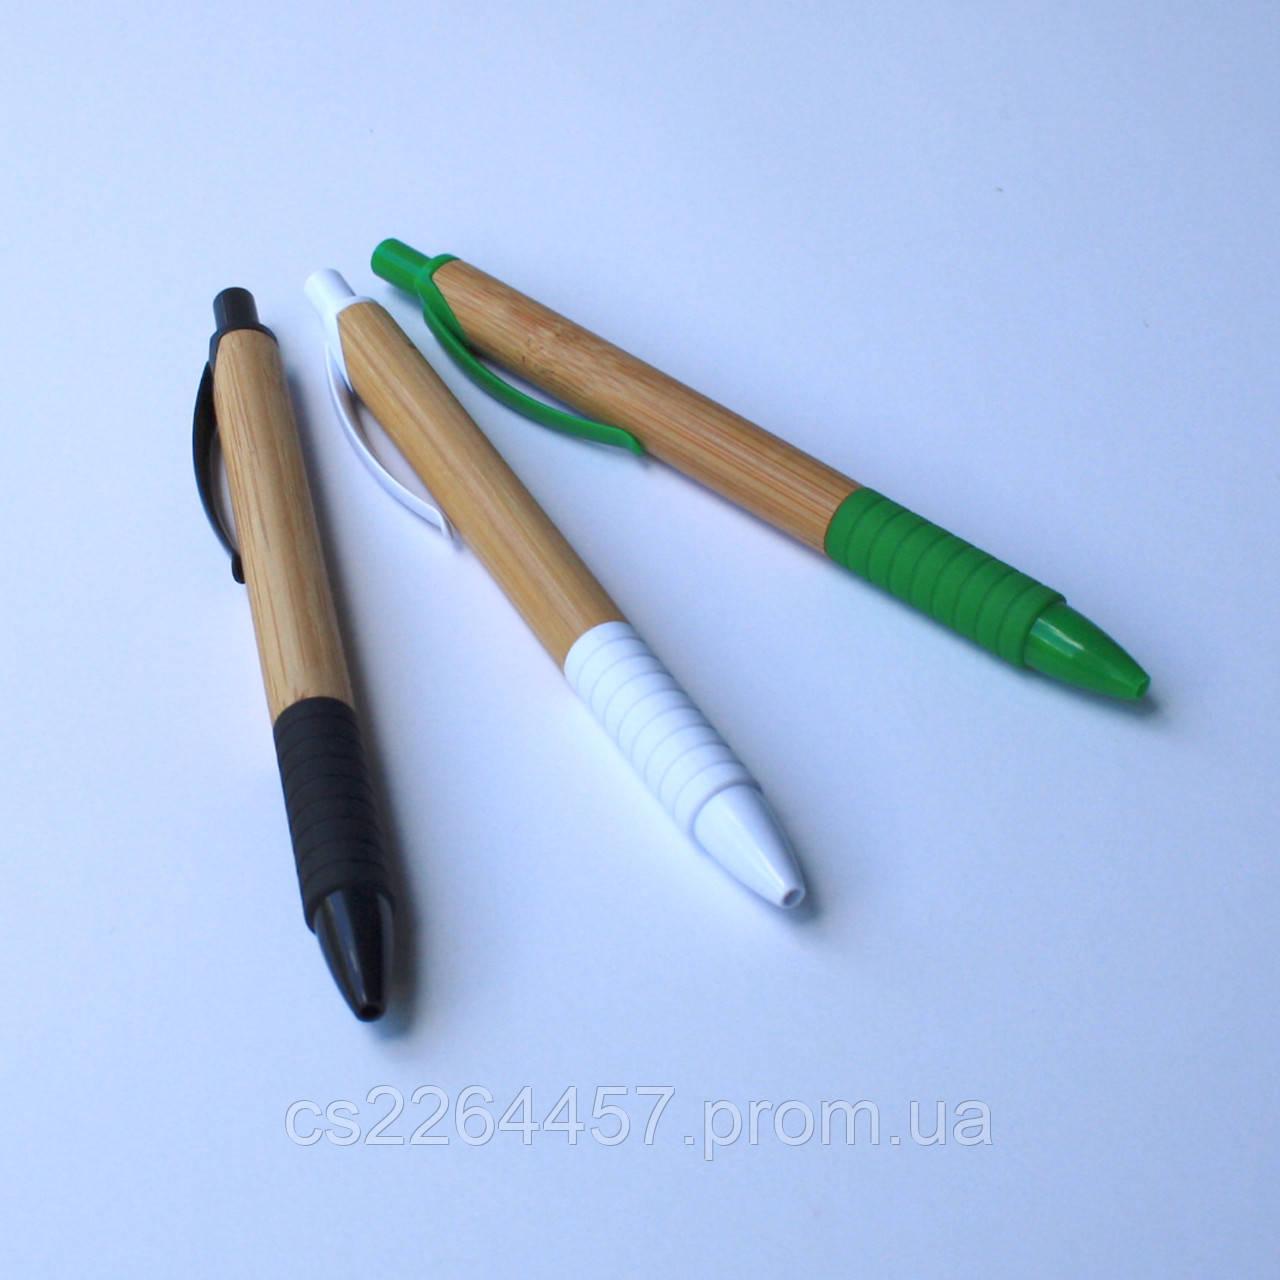 Ручка эко из бамбука набор 25шт.